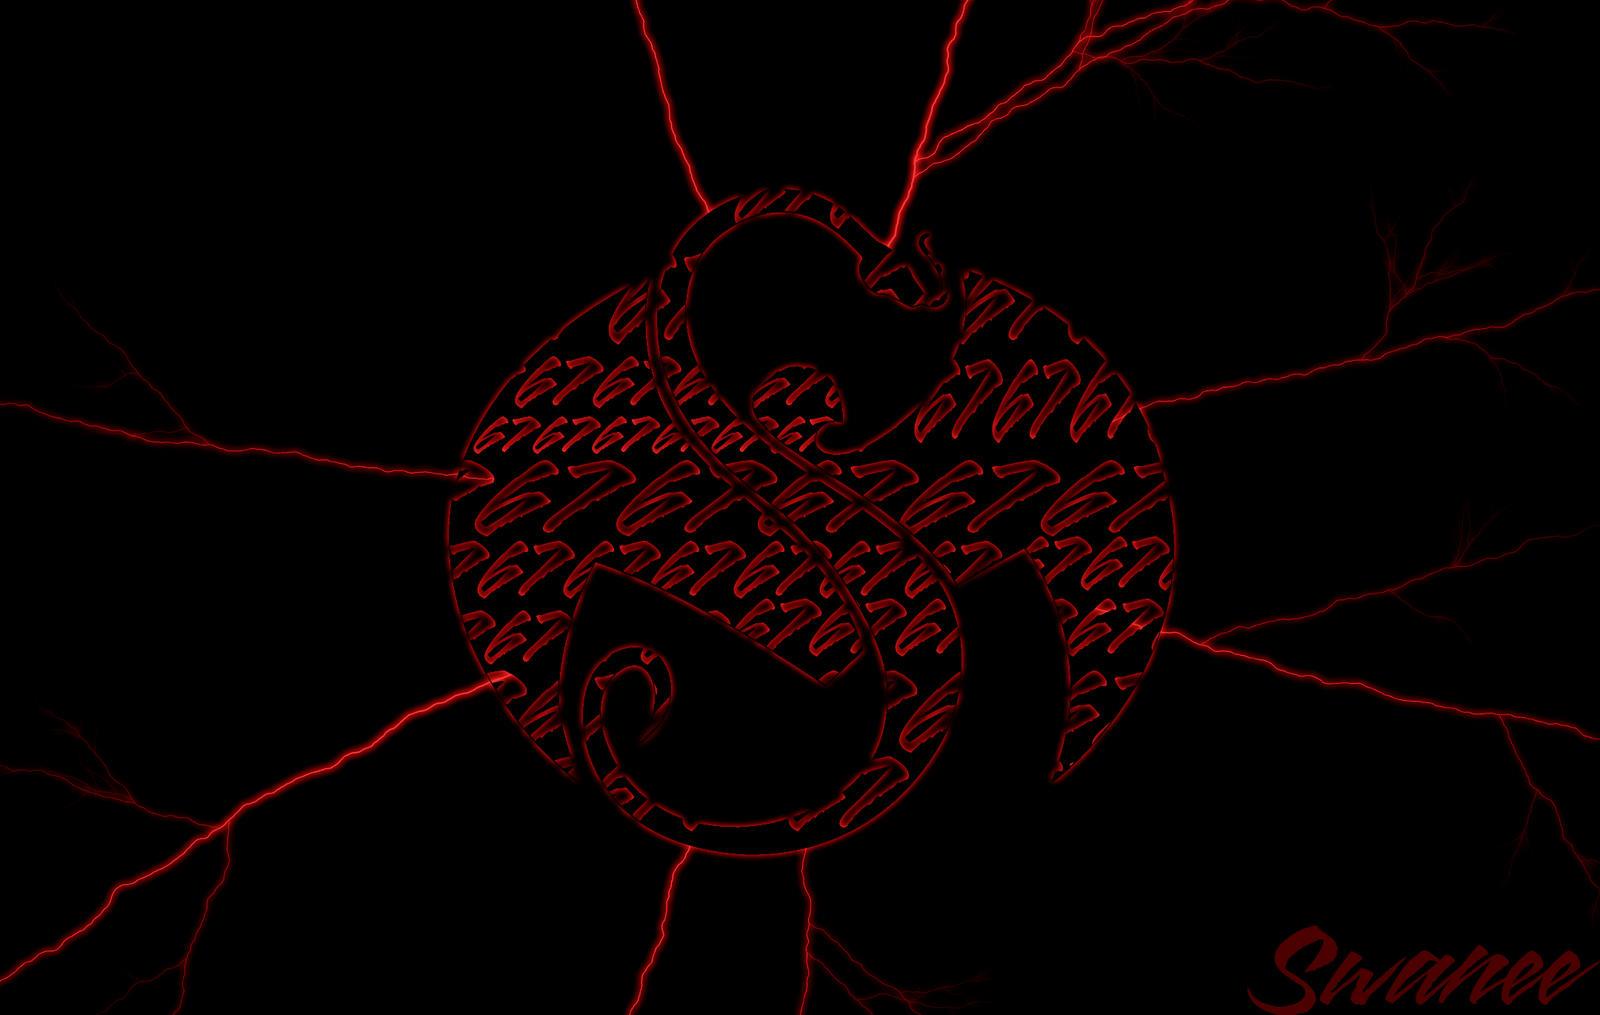 Strange Music Logo Wallpaper: All 6's And 7's Strange Music By Swaneejuggalo On DeviantArt